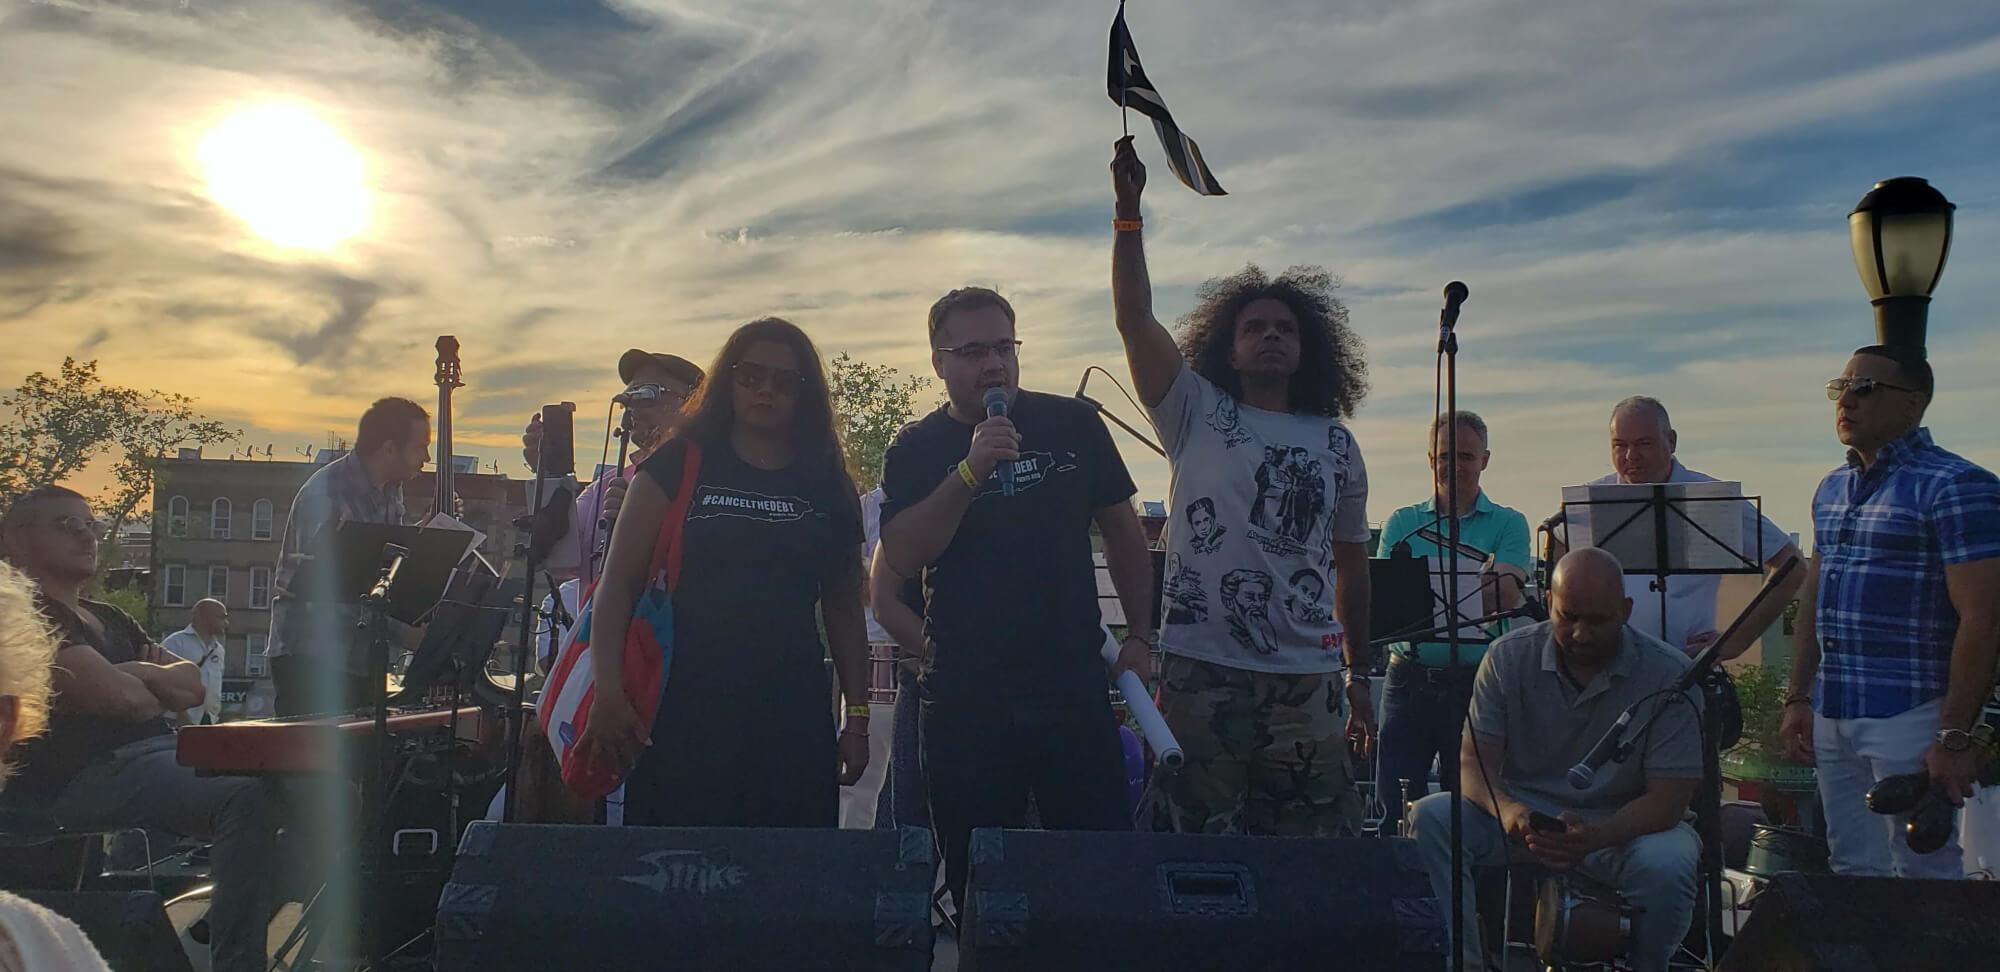 El Grito de Sunset Park Parade & Festival